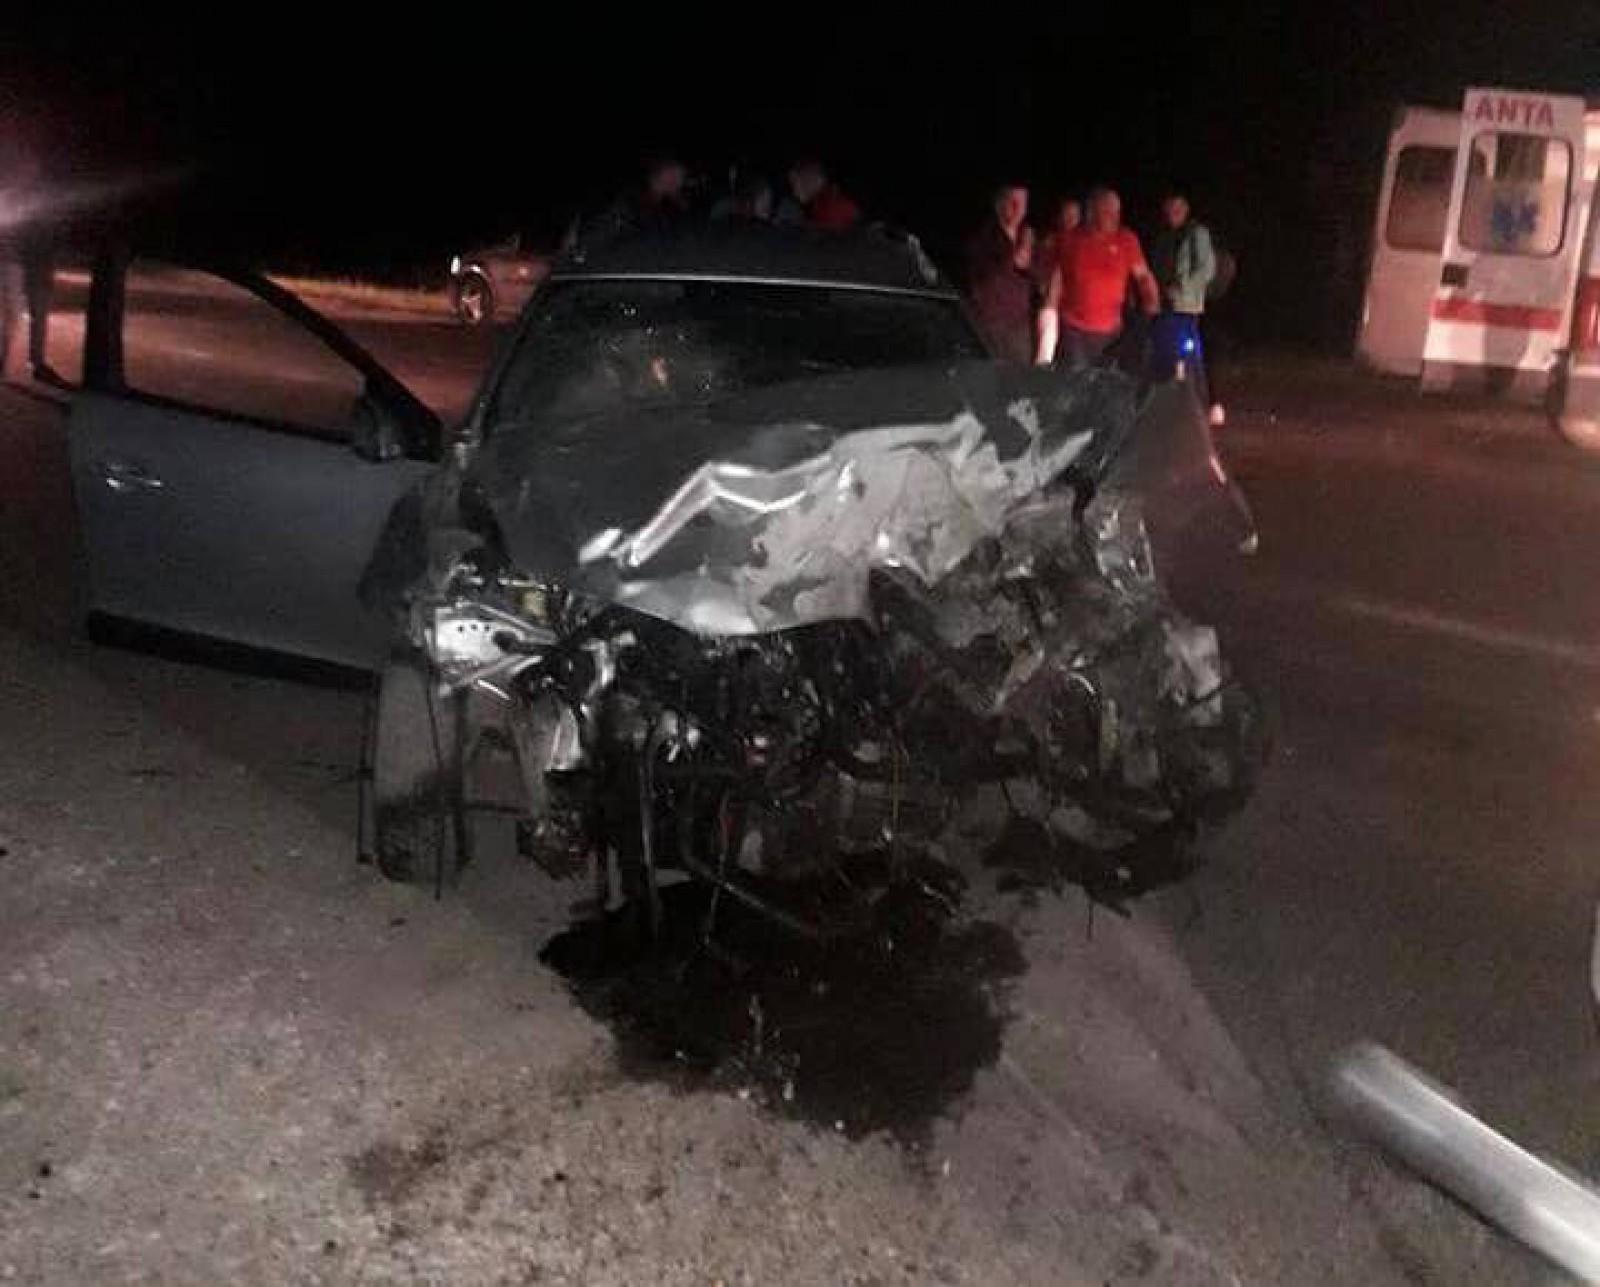 (foto) În ultimele 24 de ore au avut loc 10 accidente rutiere: O persoană a decedat la fața locului